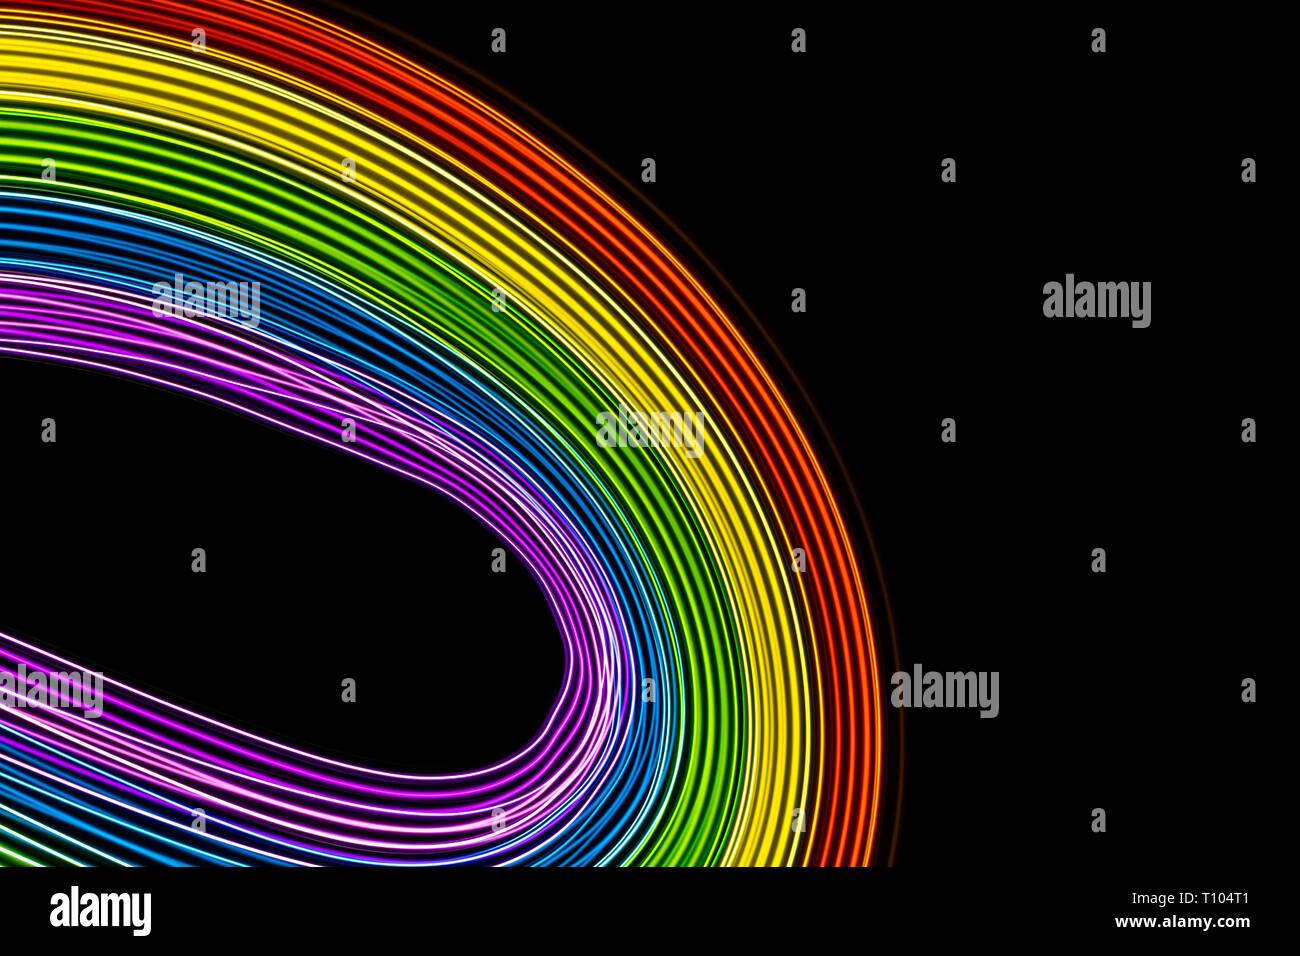 Mehrfarbige Leds auf schwarzen Hintergrund. Regenbogen Farben Kurven. Platz zu schreiben. Gay LGBT-Symbol Stockfoto